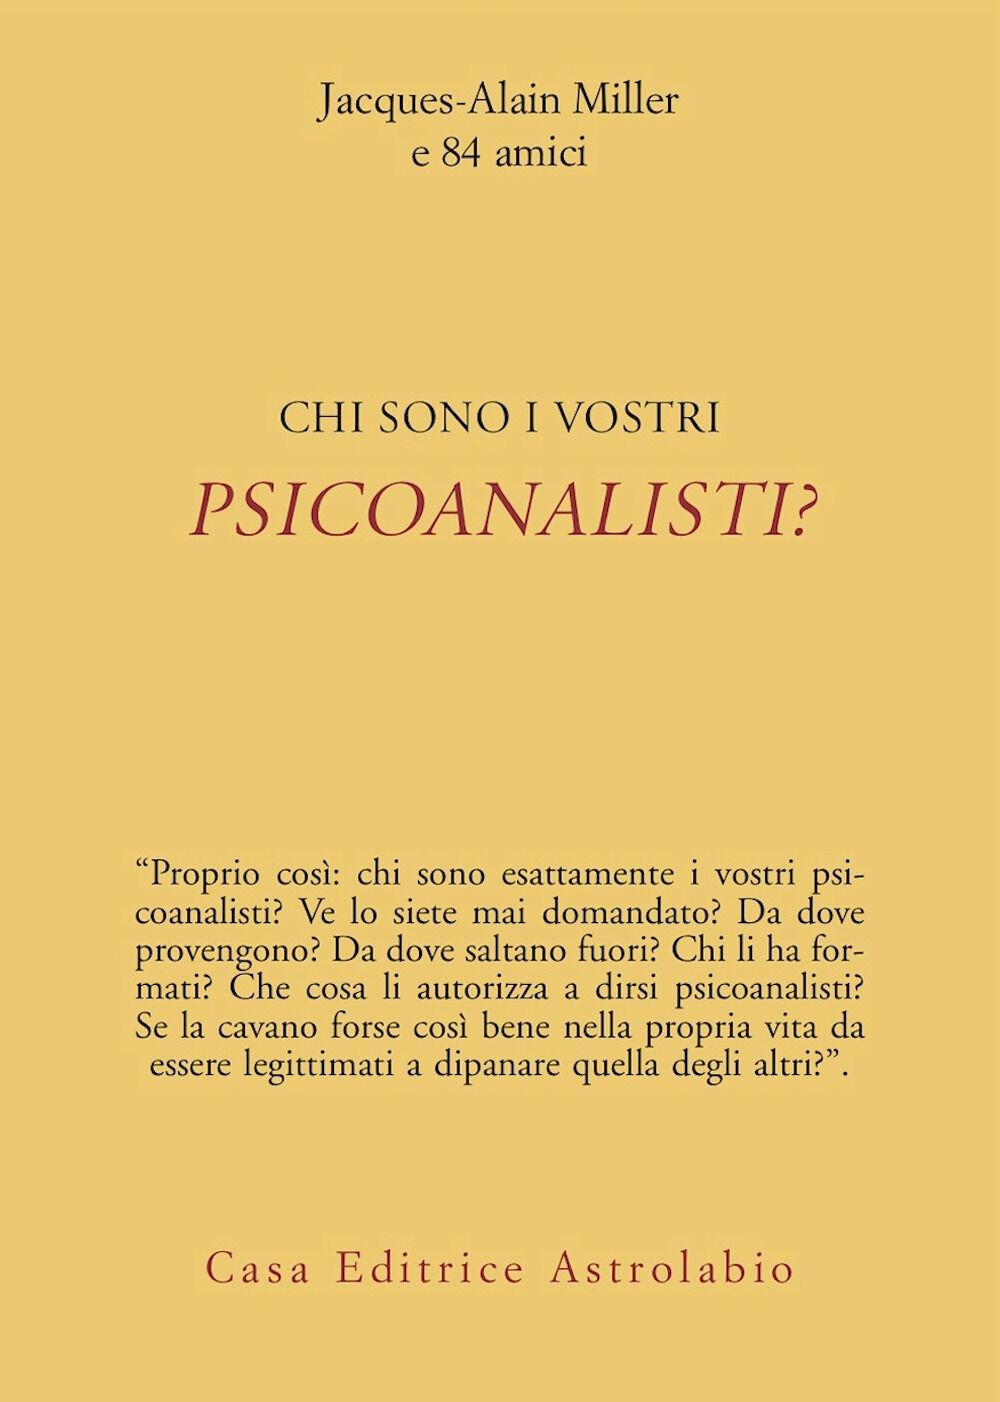 Chi sono i vostri psicoanalisti?